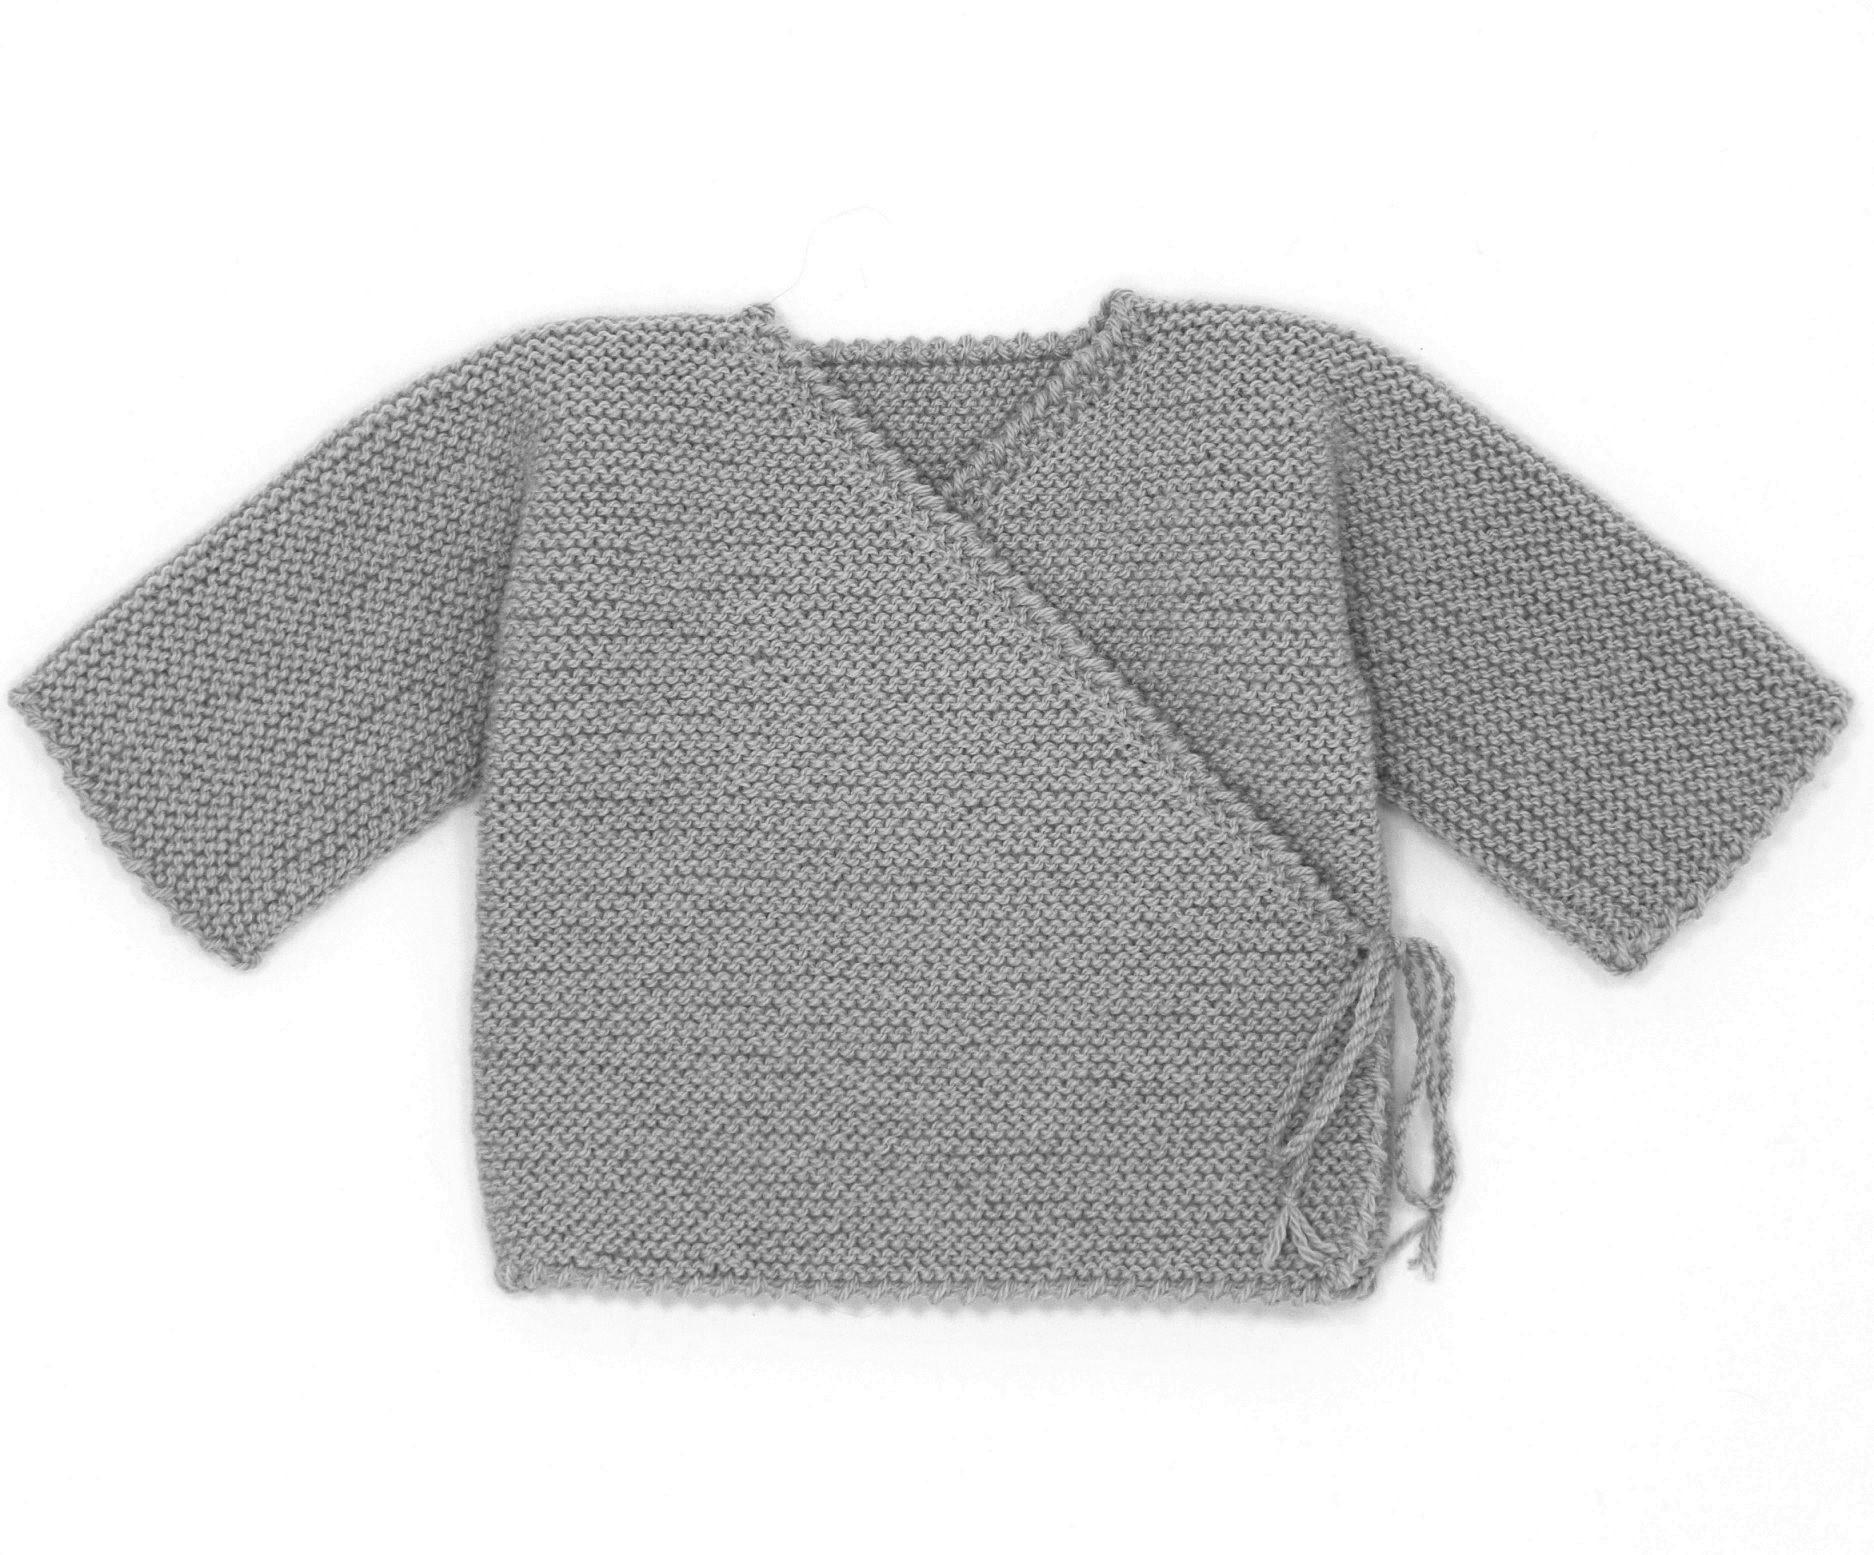 e1519e84251d6 Gilet naissance laine brassiere 3 mois a tricoter